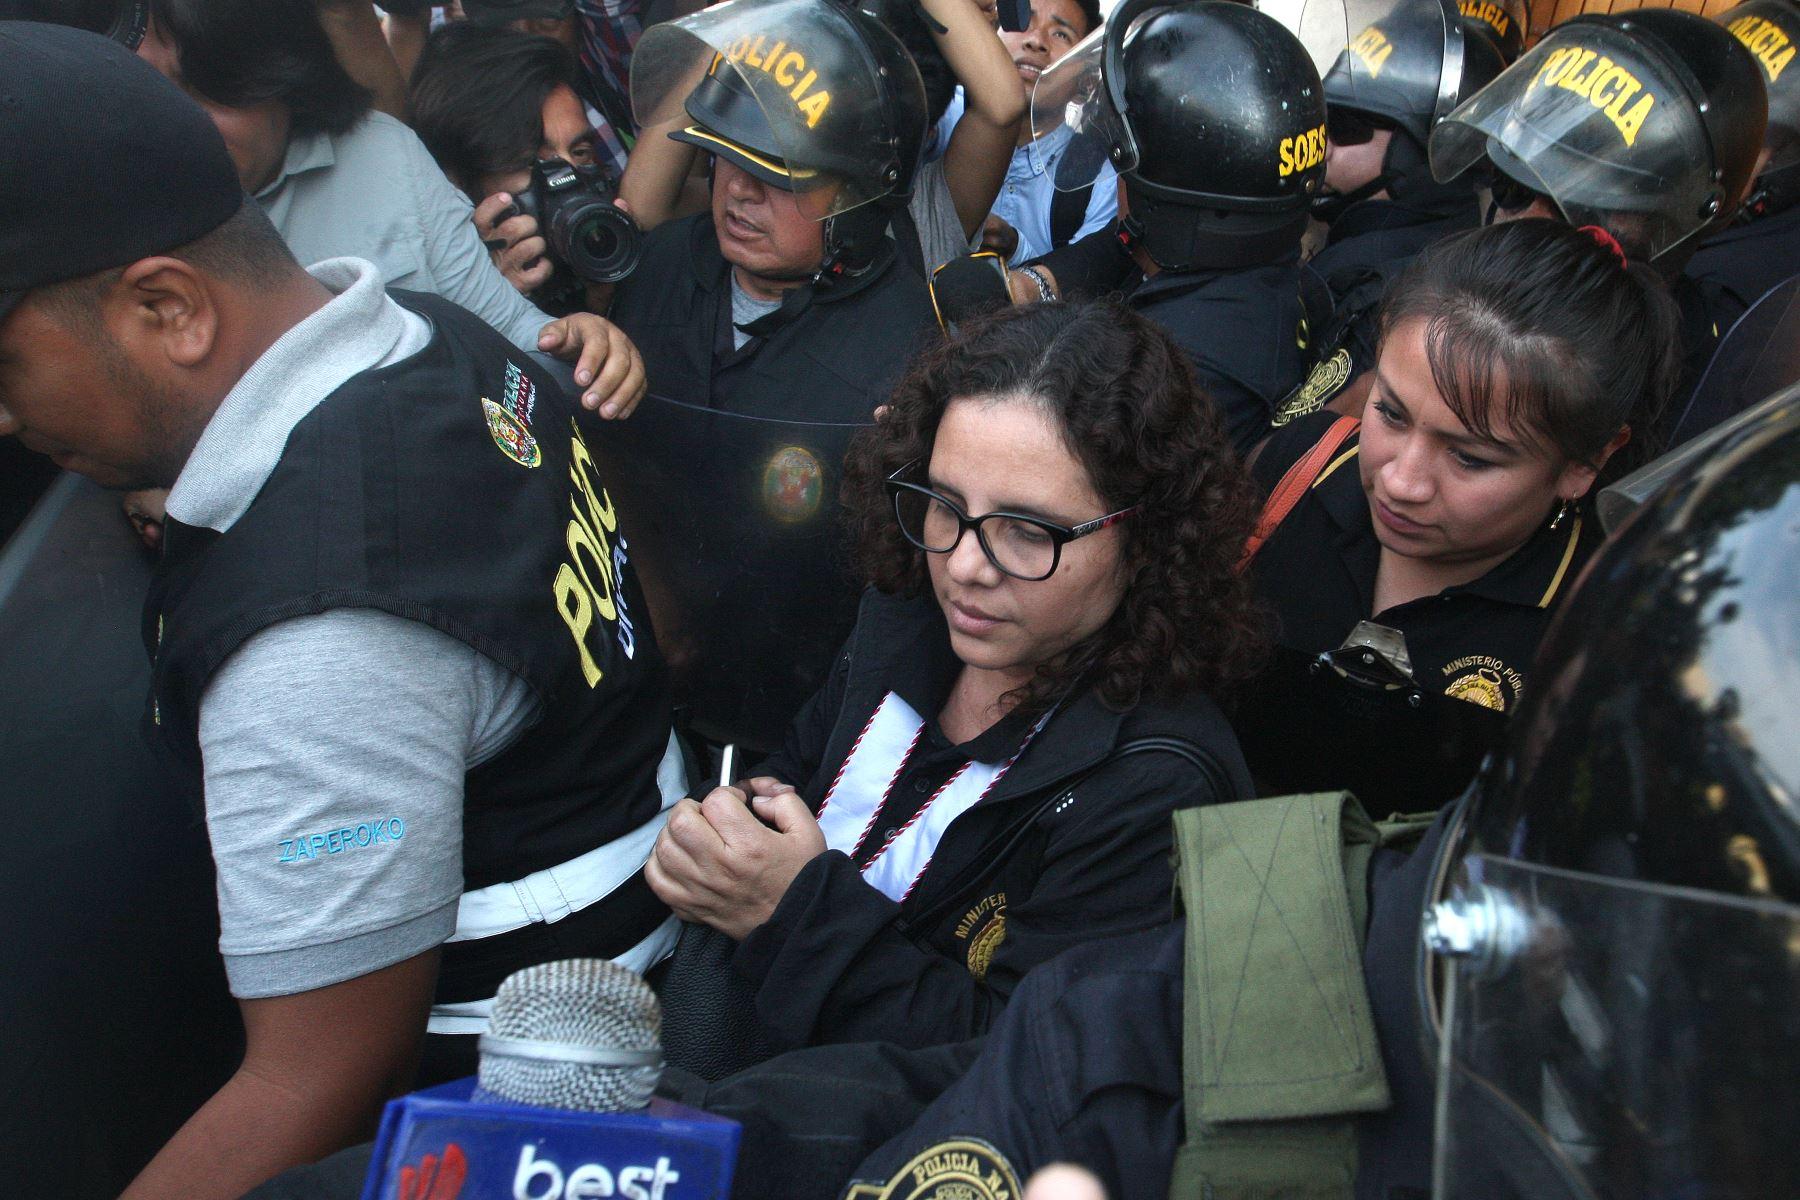 El presidente de la Federación Peruana de Fútbol (FPF), Edwin Oviedo, cumplè  la prisión preliminar dictada por el Poder Judicial en la Prefectura de Lima.Foto:ANDINA/Héctor Vinces.